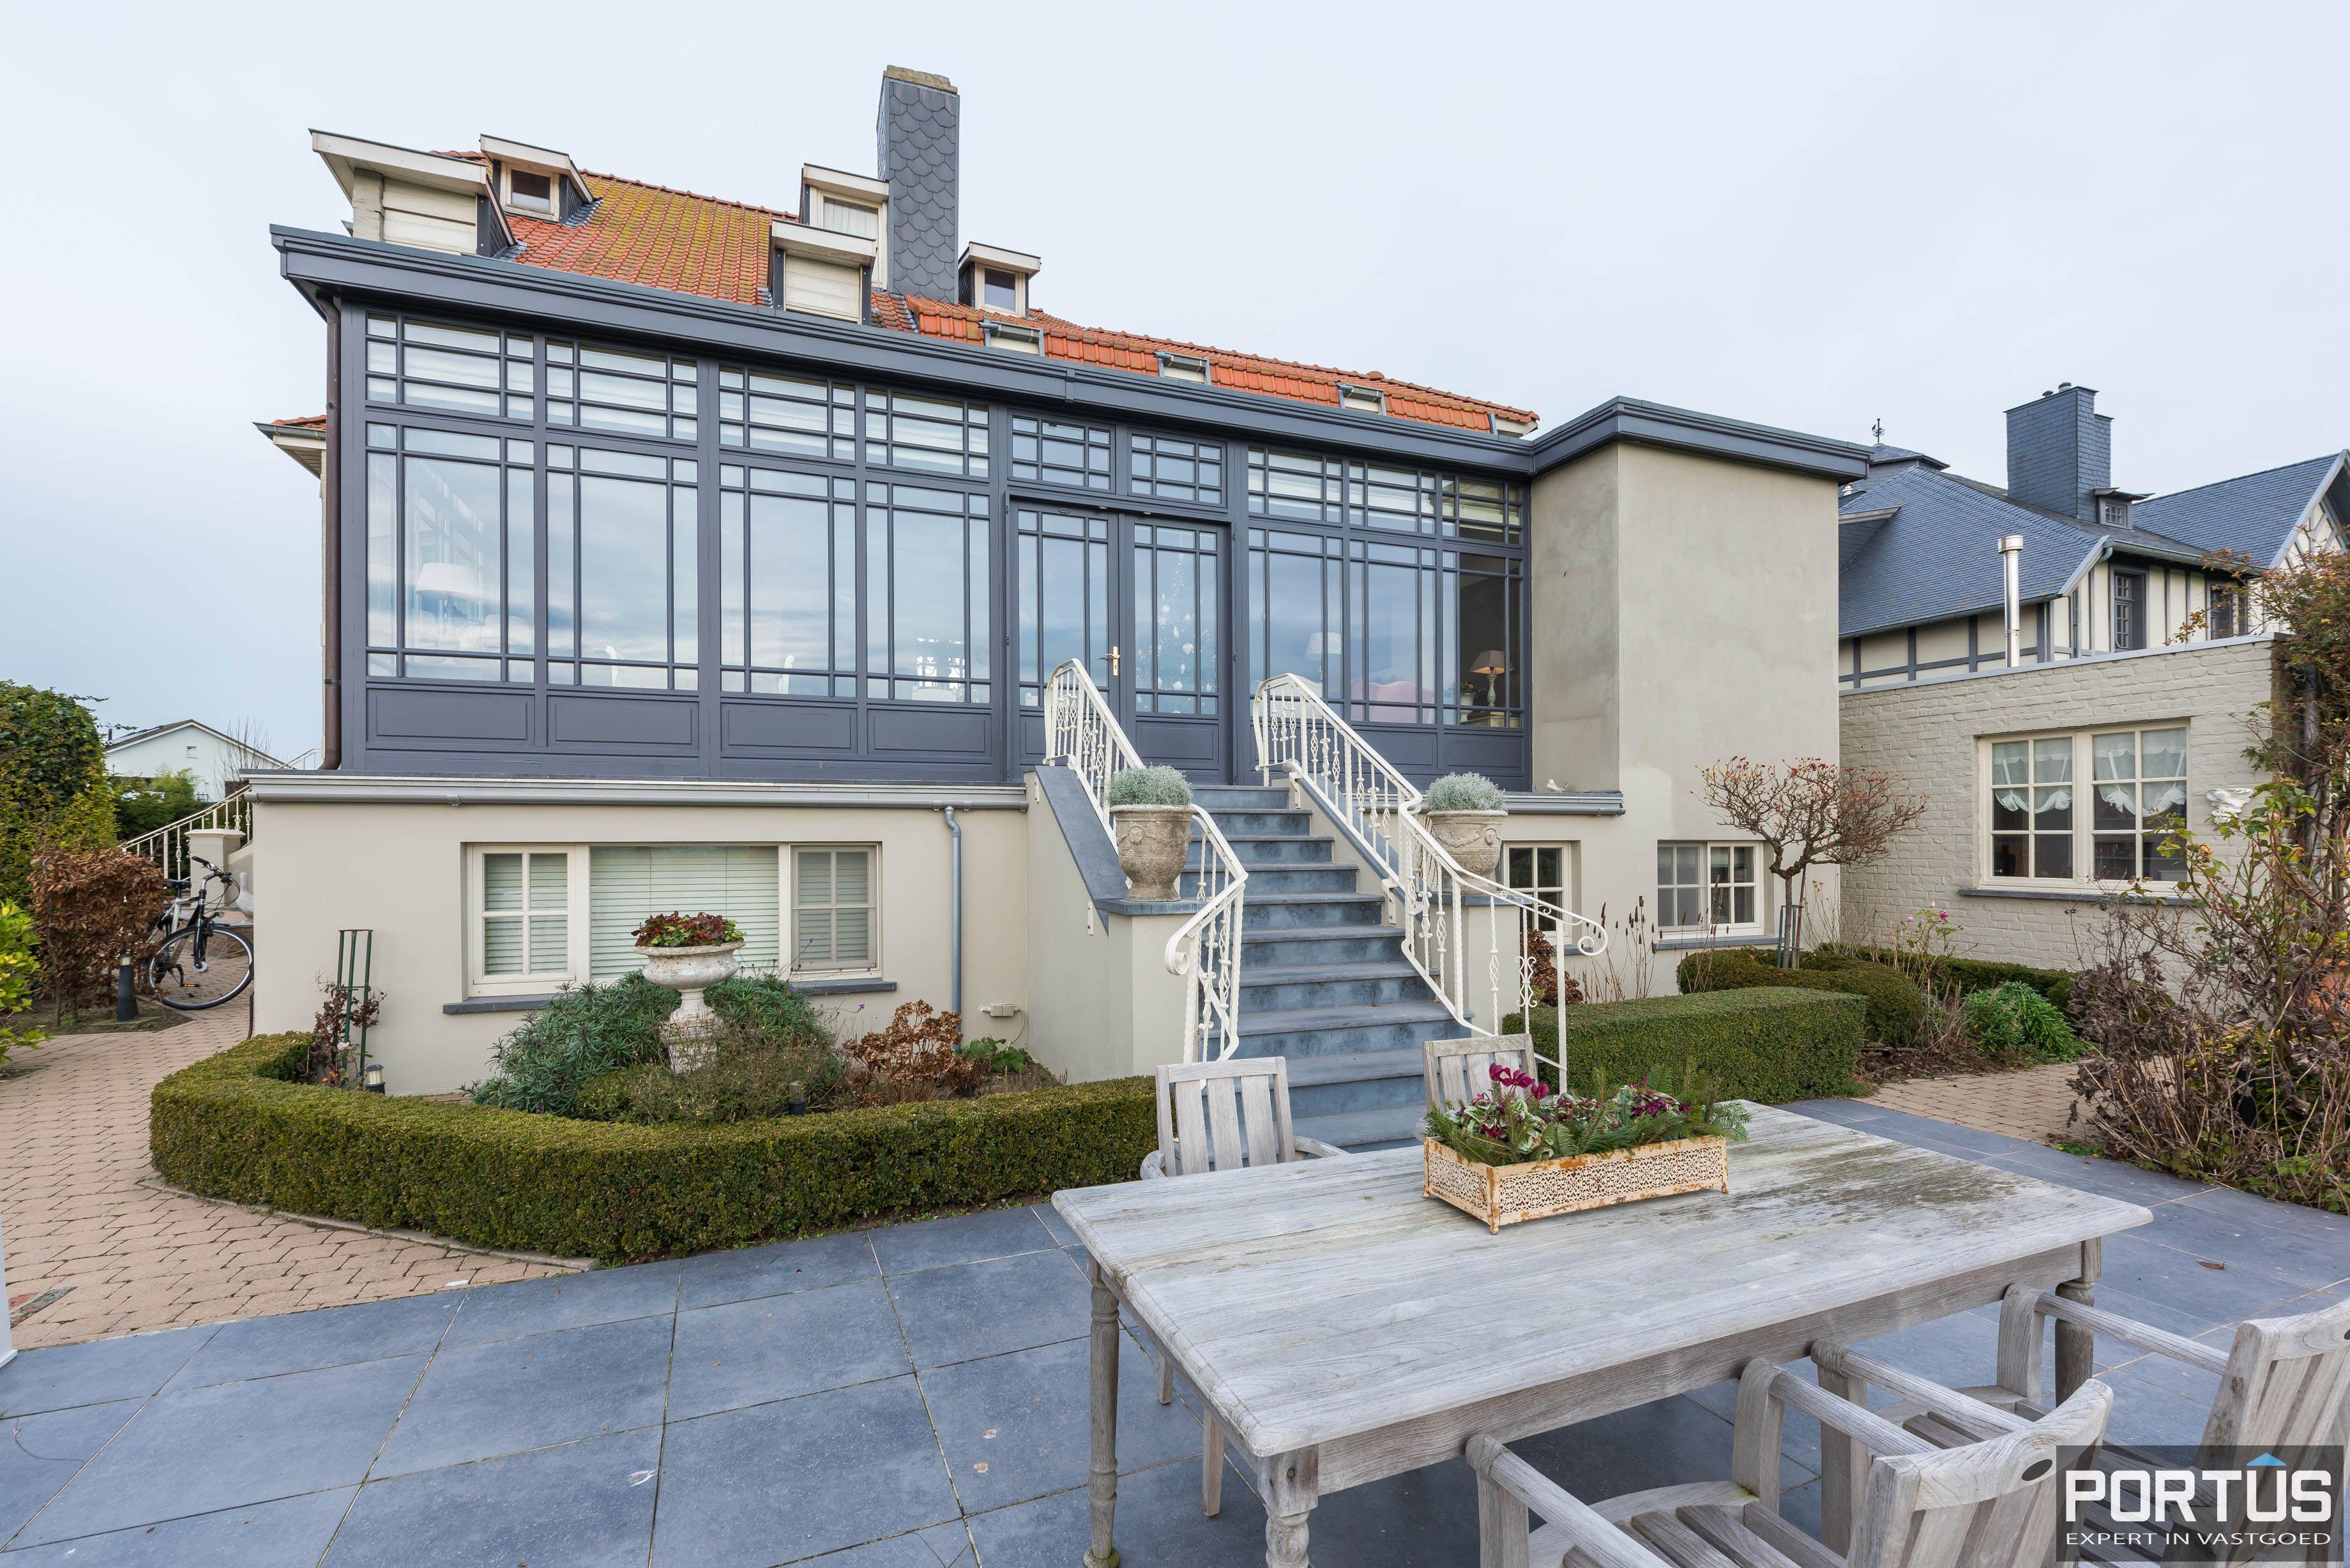 Villa/B&B te koop Westende met 6 slaapkamers - 5475